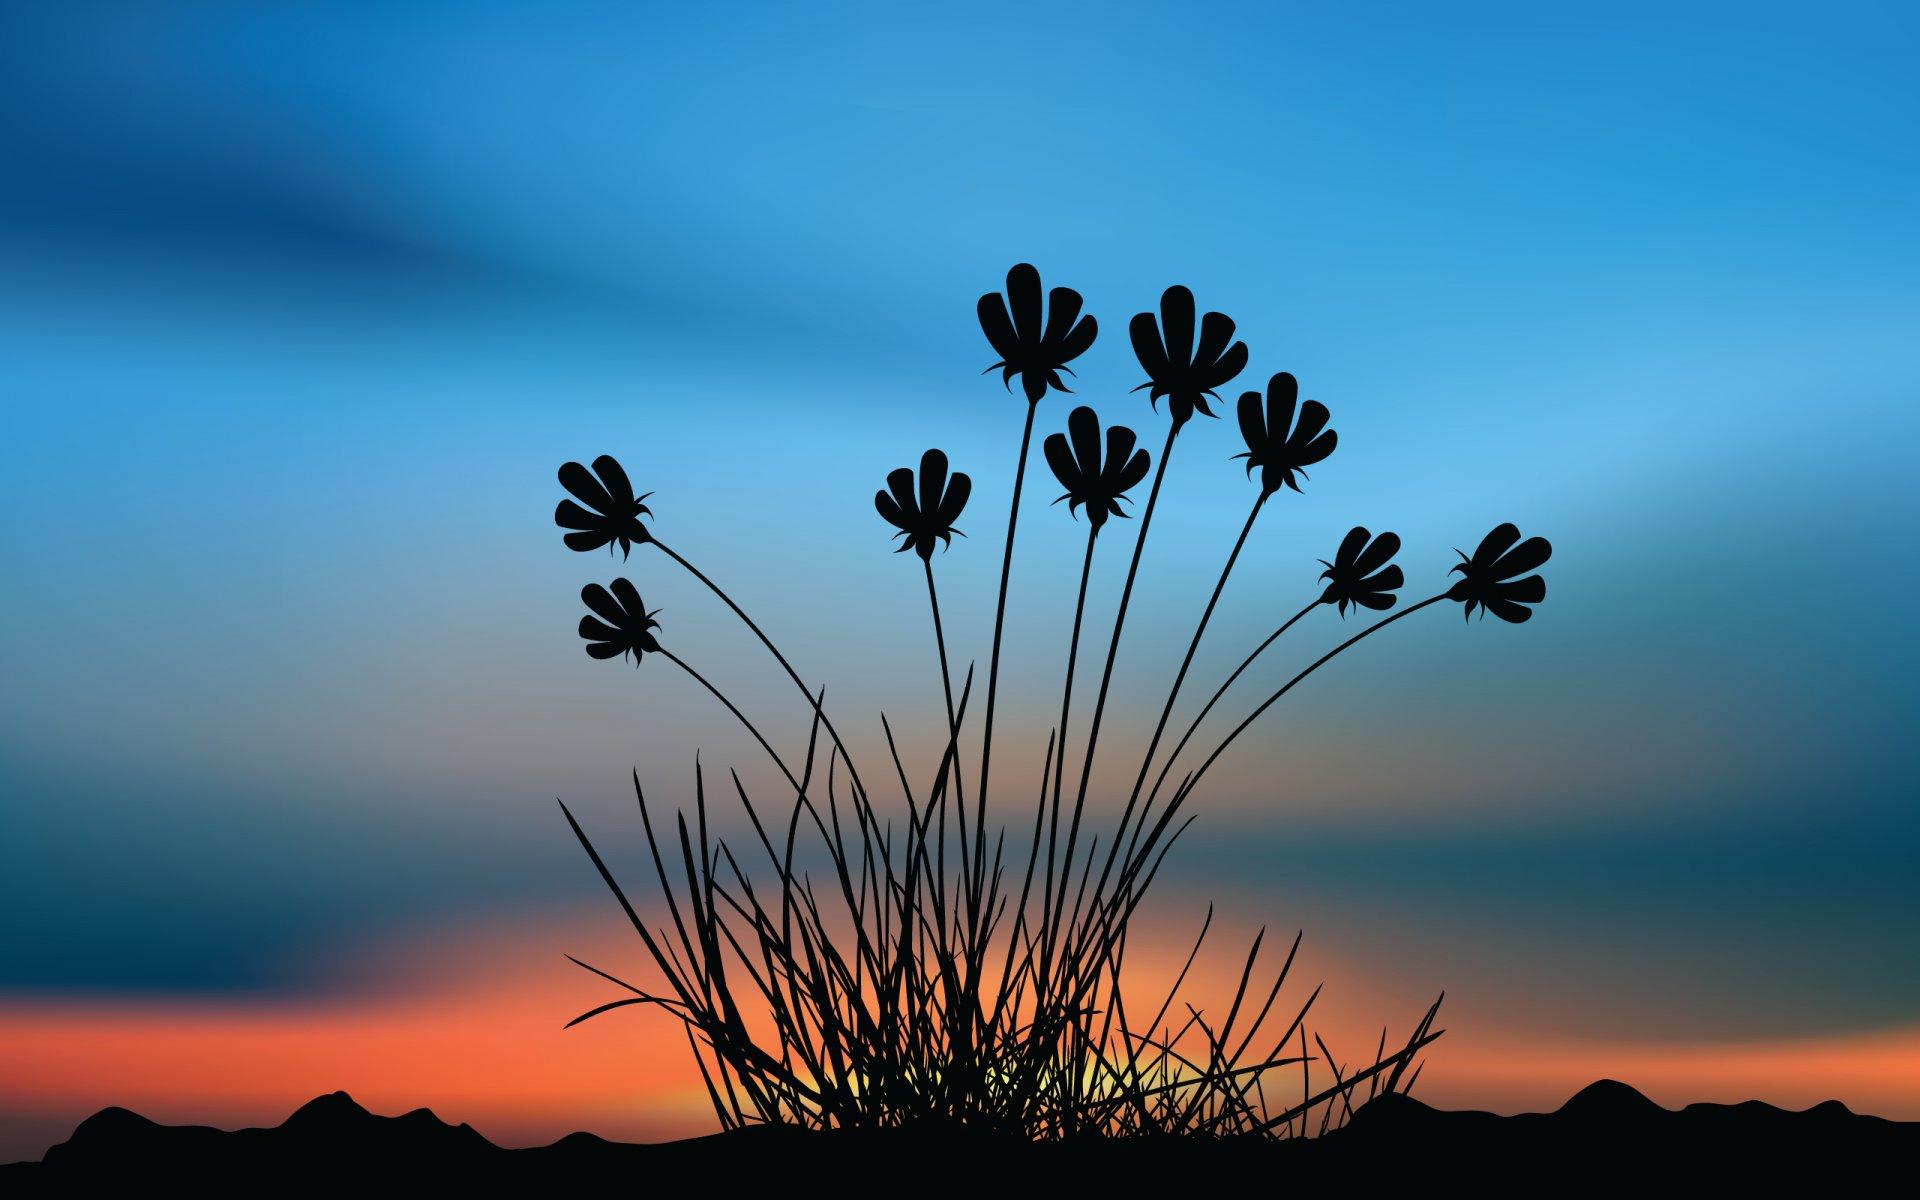 вот голливуде картинки цветы на фоне заката провалился расщелину